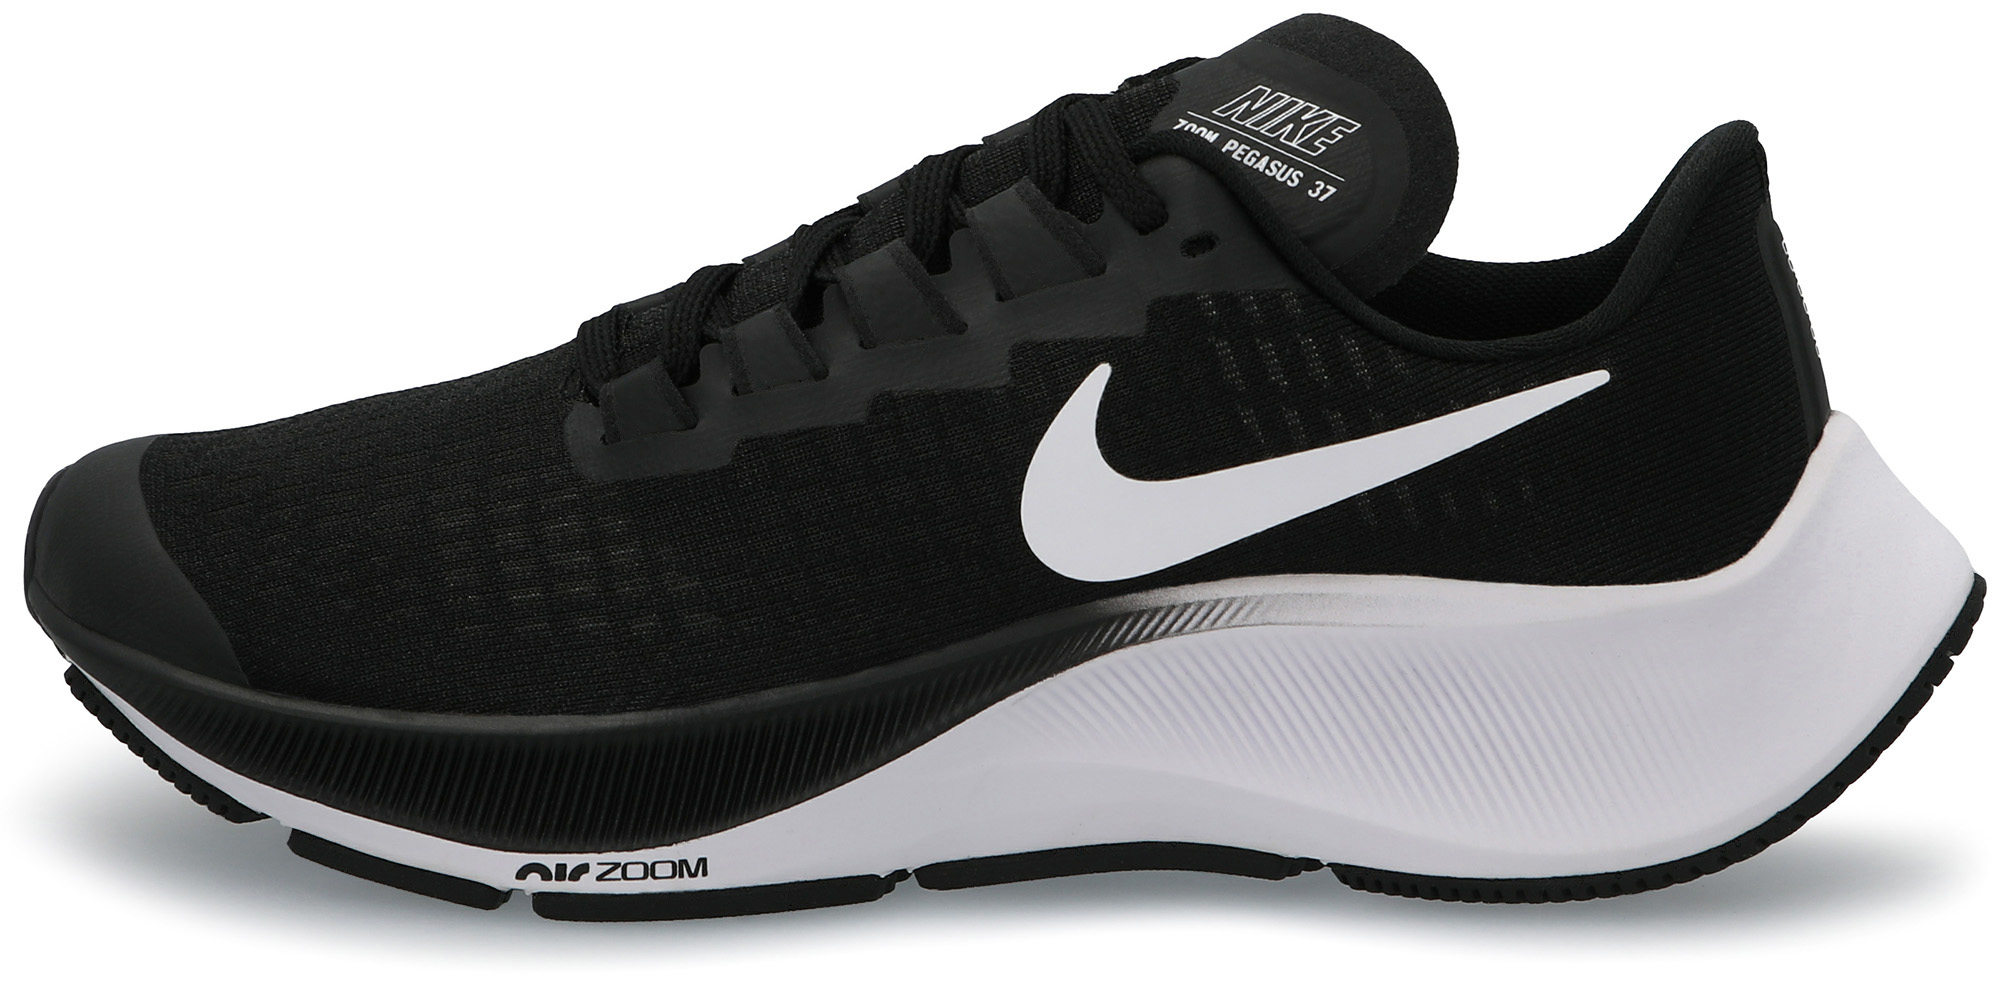 Фото - Nike Кроссовки для мальчиков Nike Air Zoom Pegasus 37, размер 34.5 nike zoom high jump iii